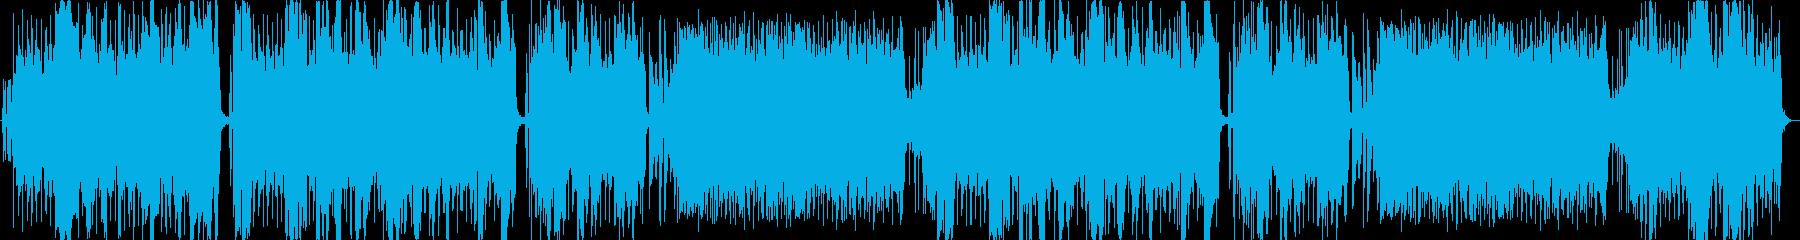 ダンスボールルーム。送信側インスト...の再生済みの波形